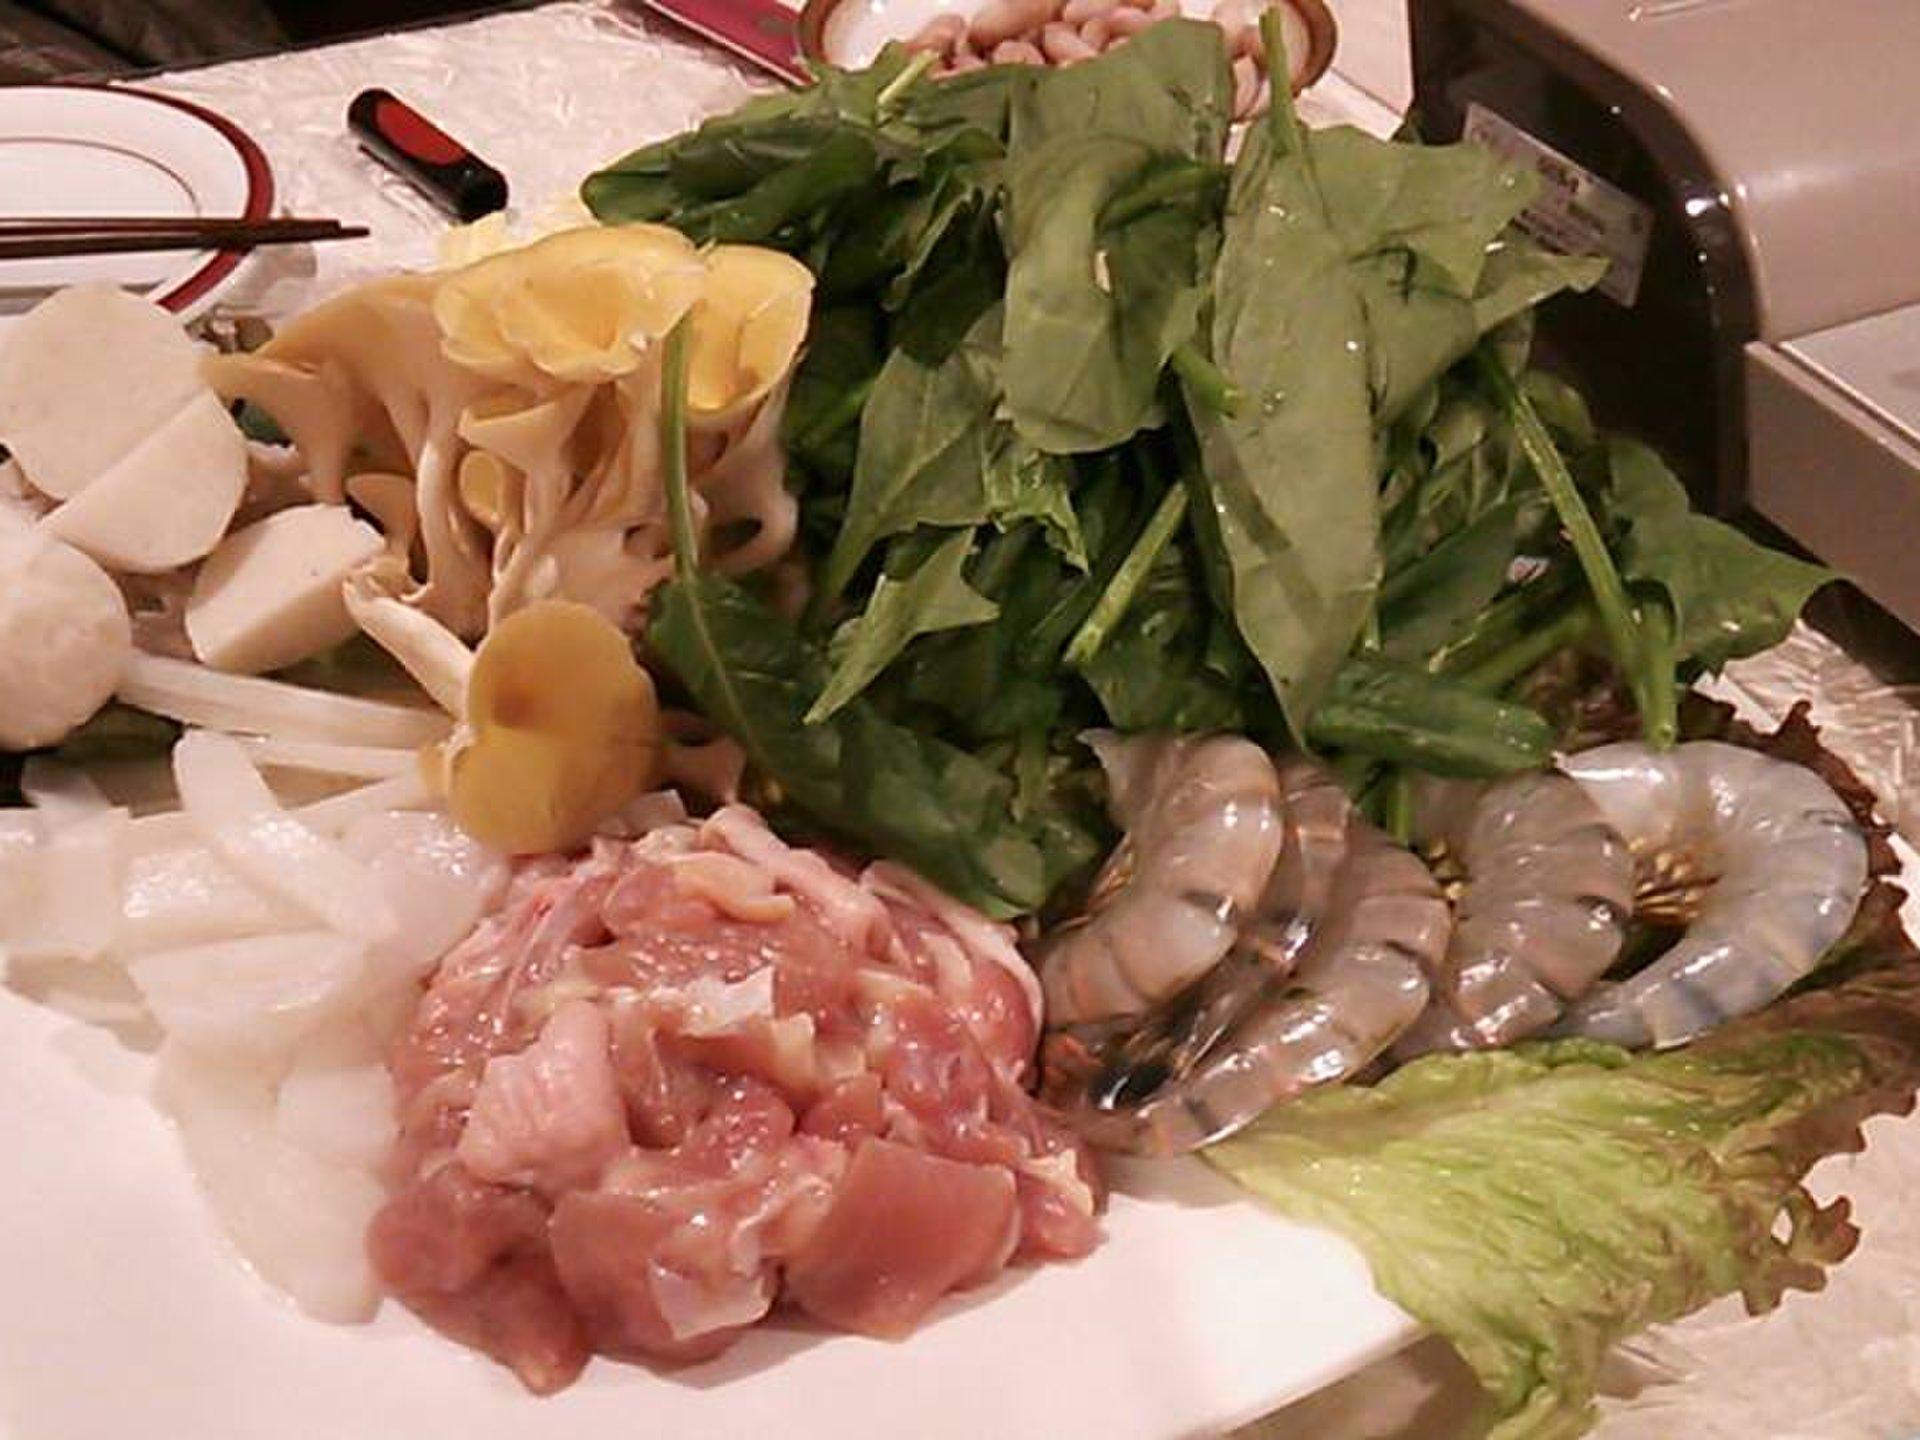 【赤坂で本格的な中華料理を食べたい方必見!】スケート帰りに中華を食べよう!